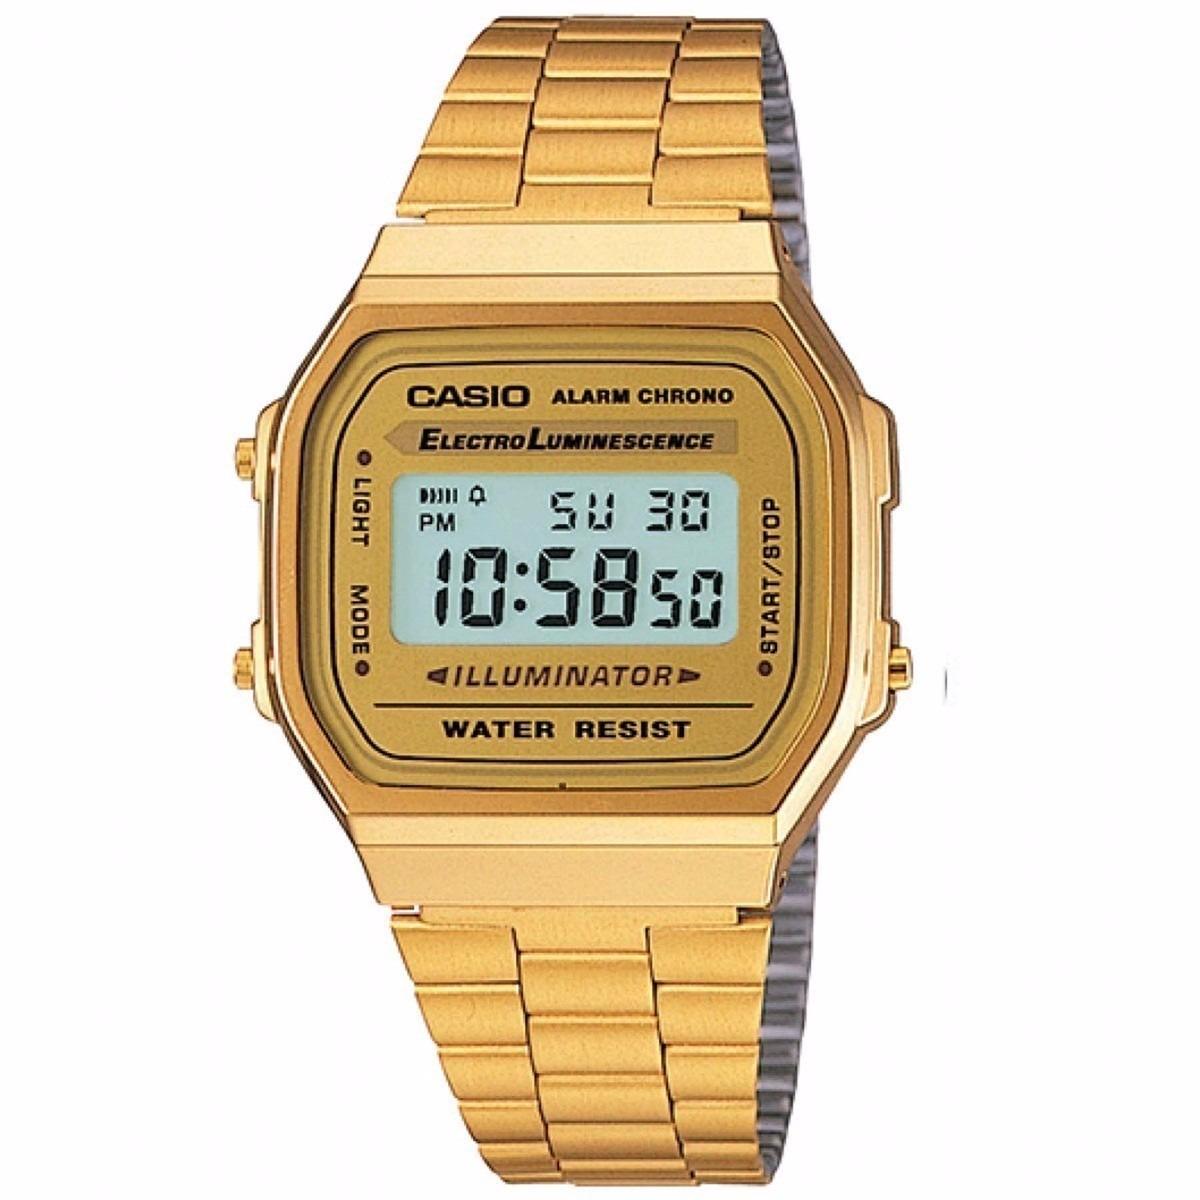 602330147b6 Relogio Casio Unisex A168 Retrô Vintage Dourado A168wg-9wdf - R  120 ...